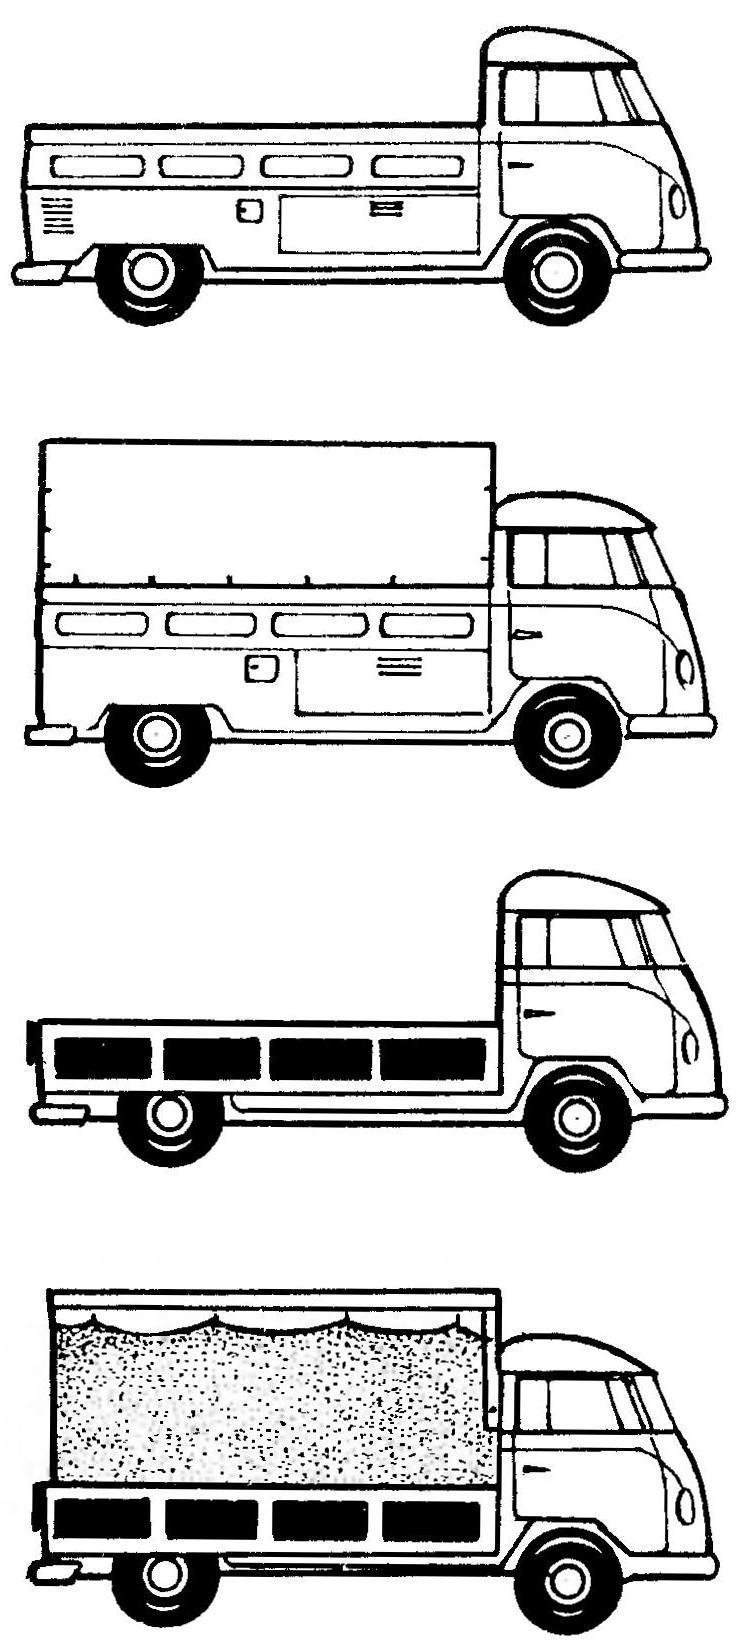 VOLKSWAGEN TRANSPORTER в грузовых модификациях.